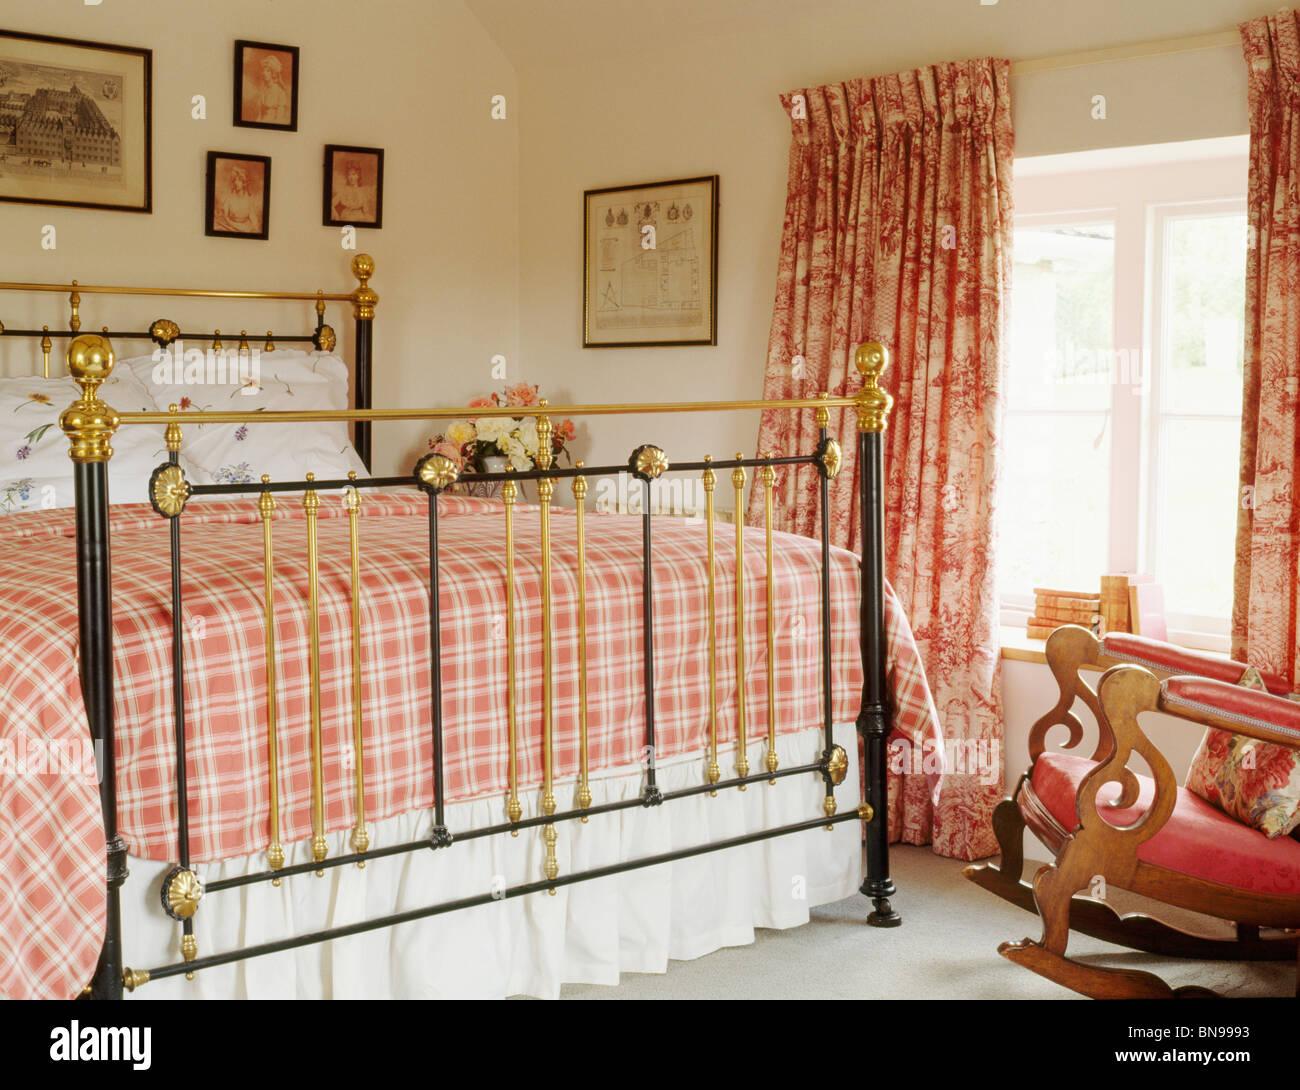 Rot aktiviert Bettwäsche auf antikem Messingbett im Land ...